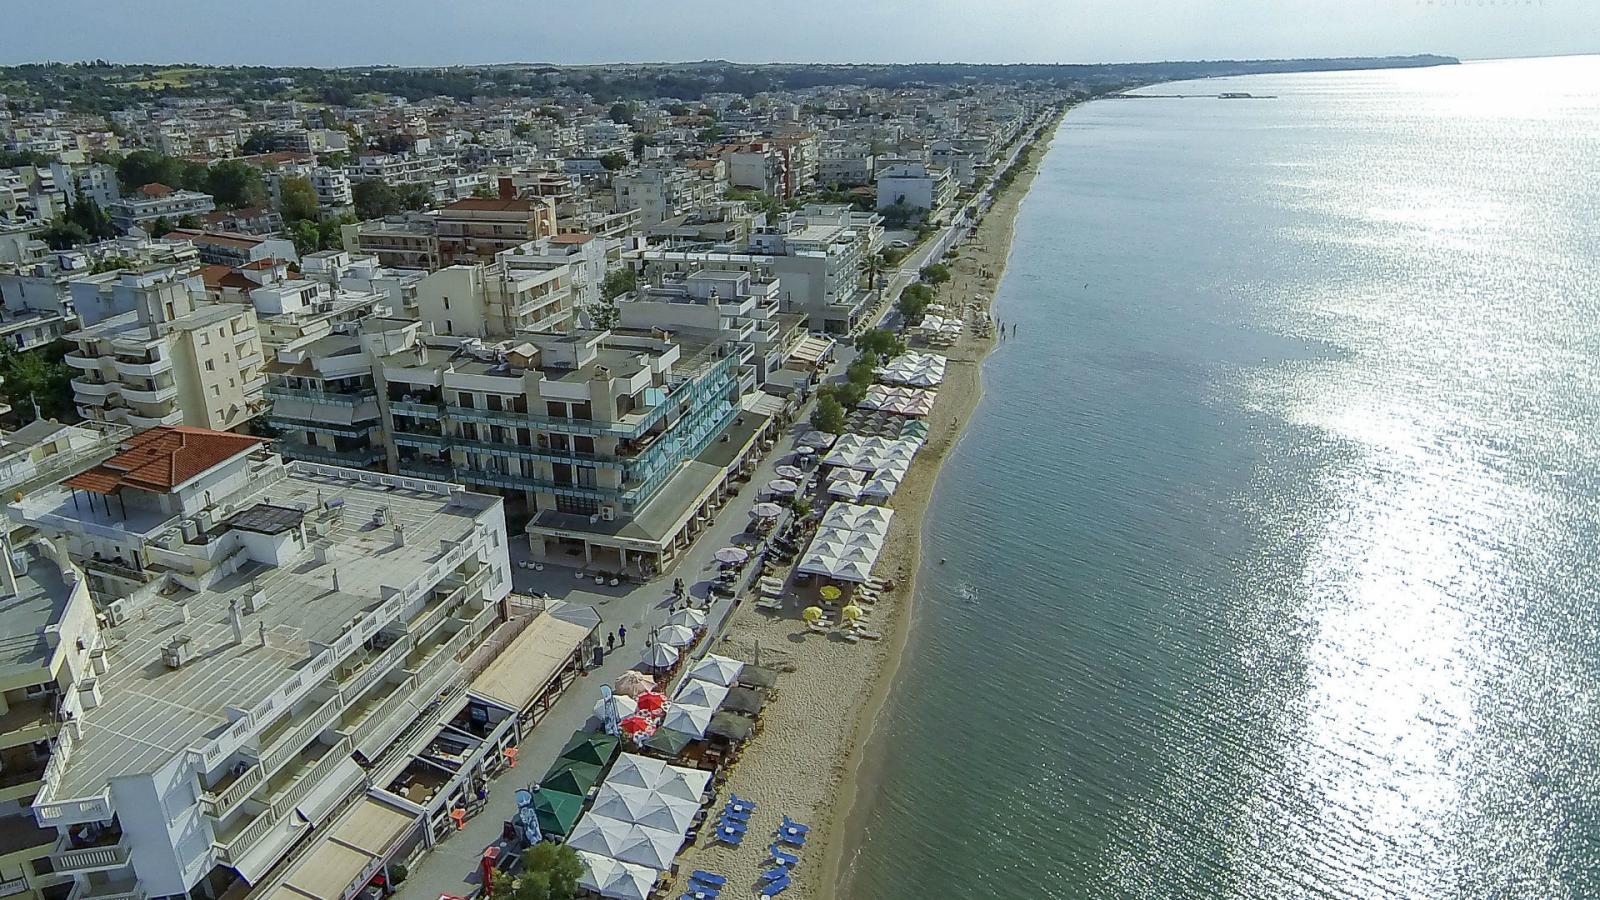 Ερχεται καλοκαίρι… ας απολαύσουμε τις παραλίες του Θερμαϊκού! (ΒΙΝΤΕΟ)